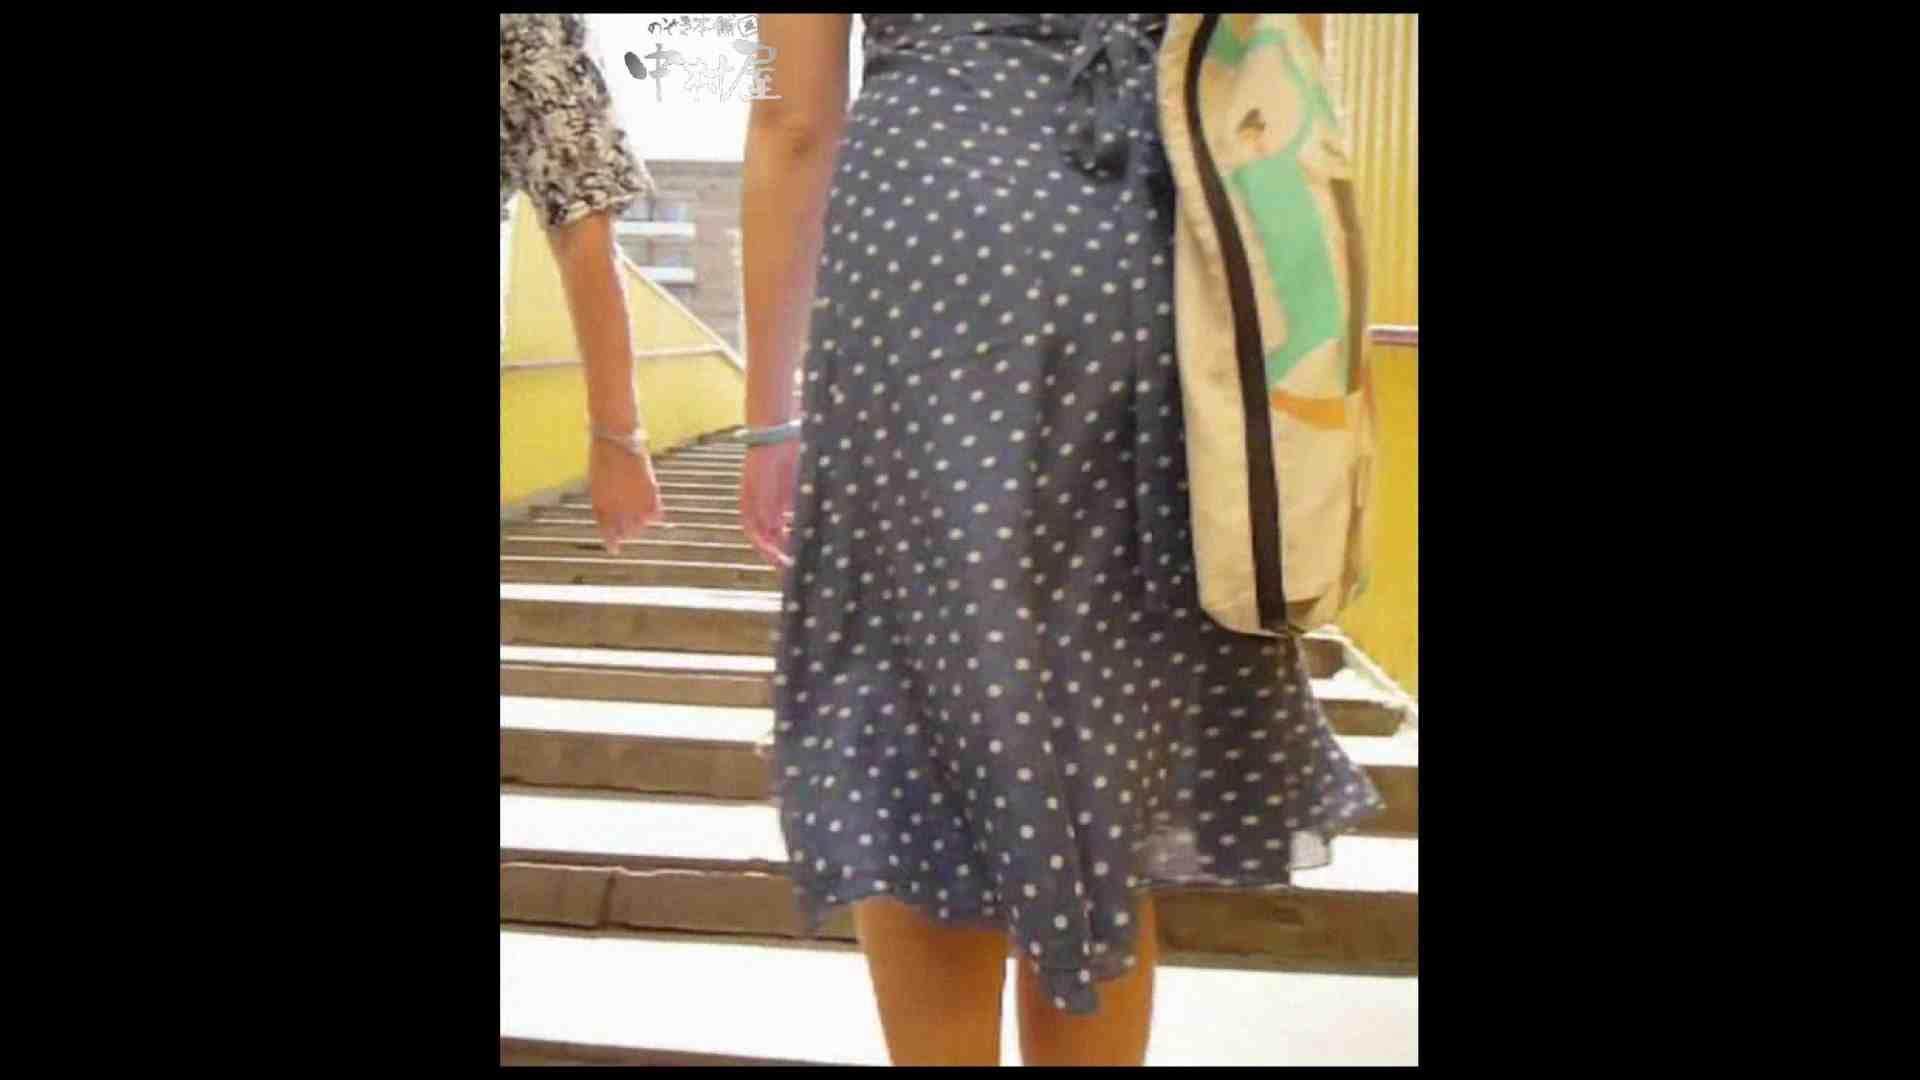 綺麗なモデルさんのスカート捲っちゃおう‼ vol29 OLのエロ生活 | モデルのエロ生活  83連発 67